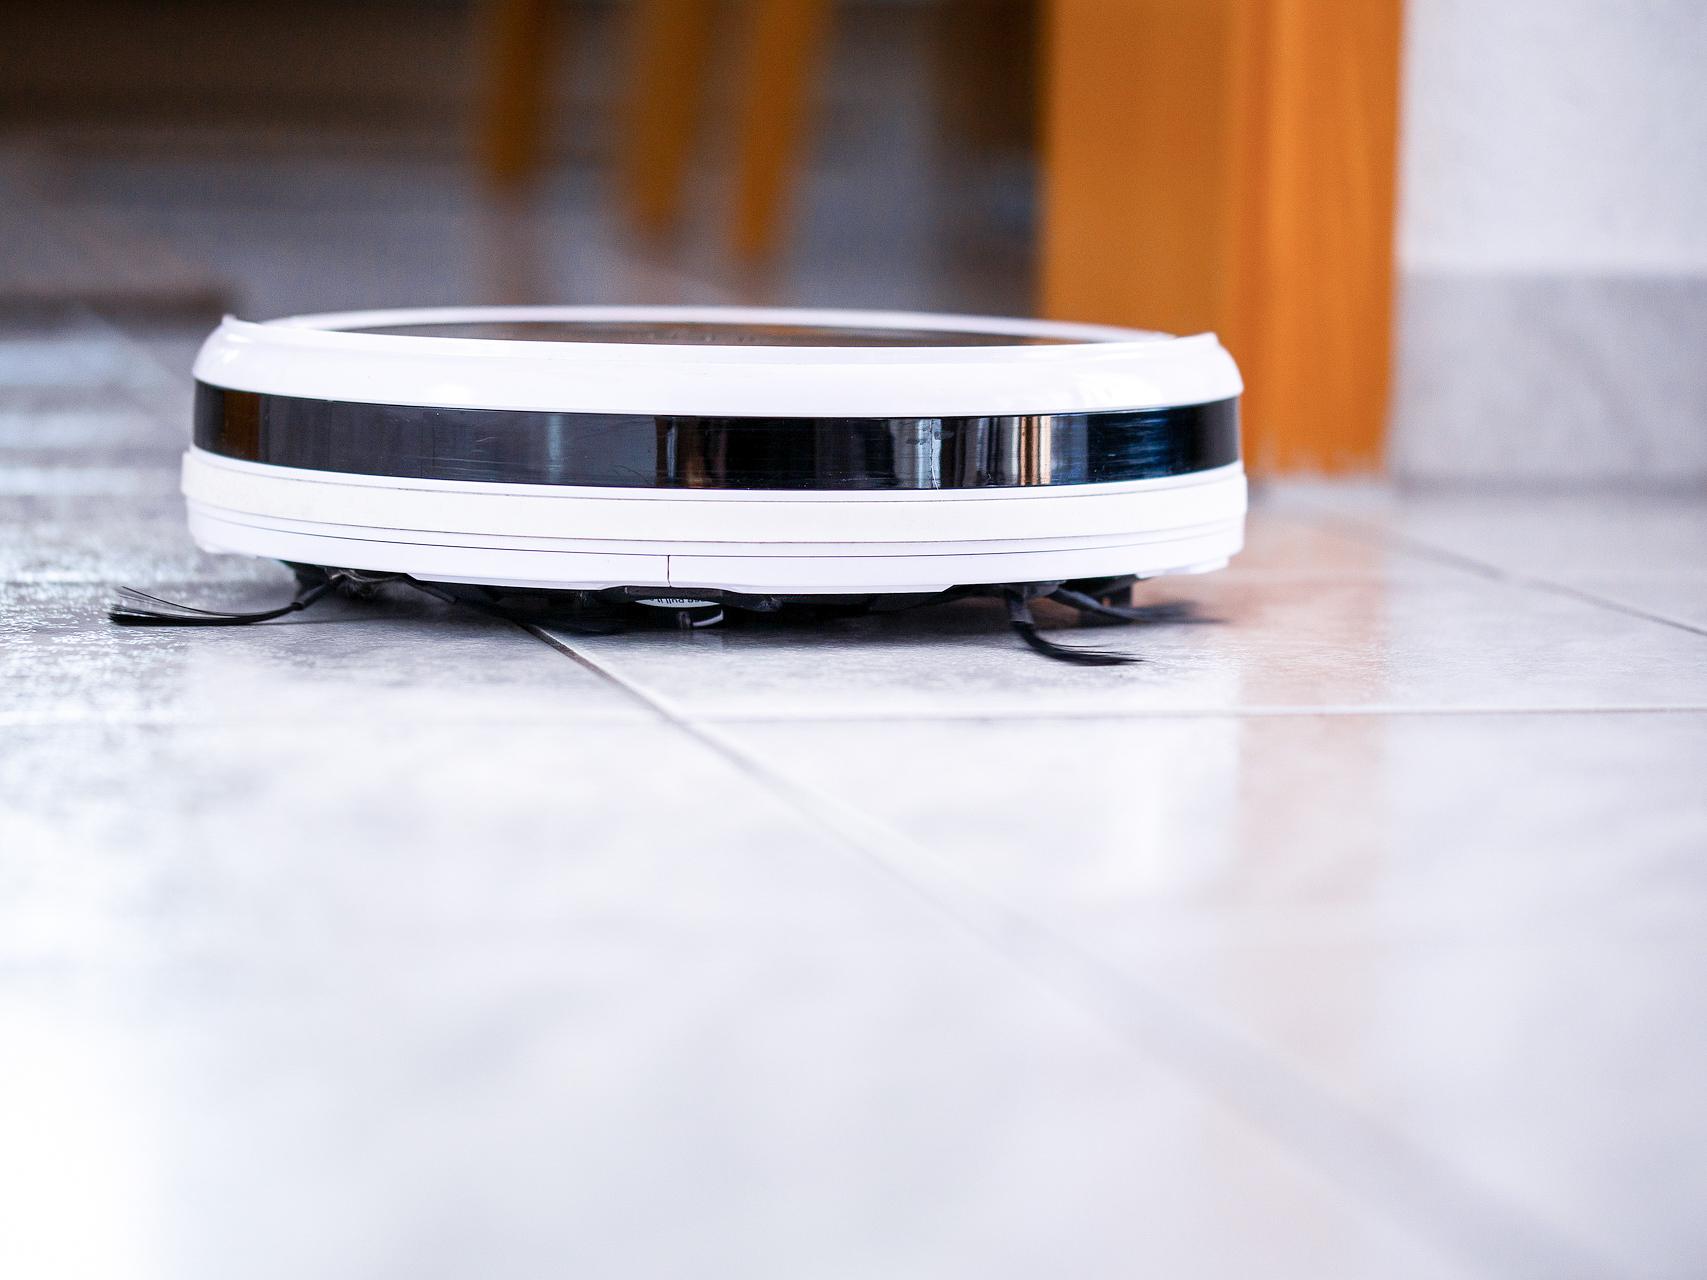 ロボット掃除機のお知らせ音